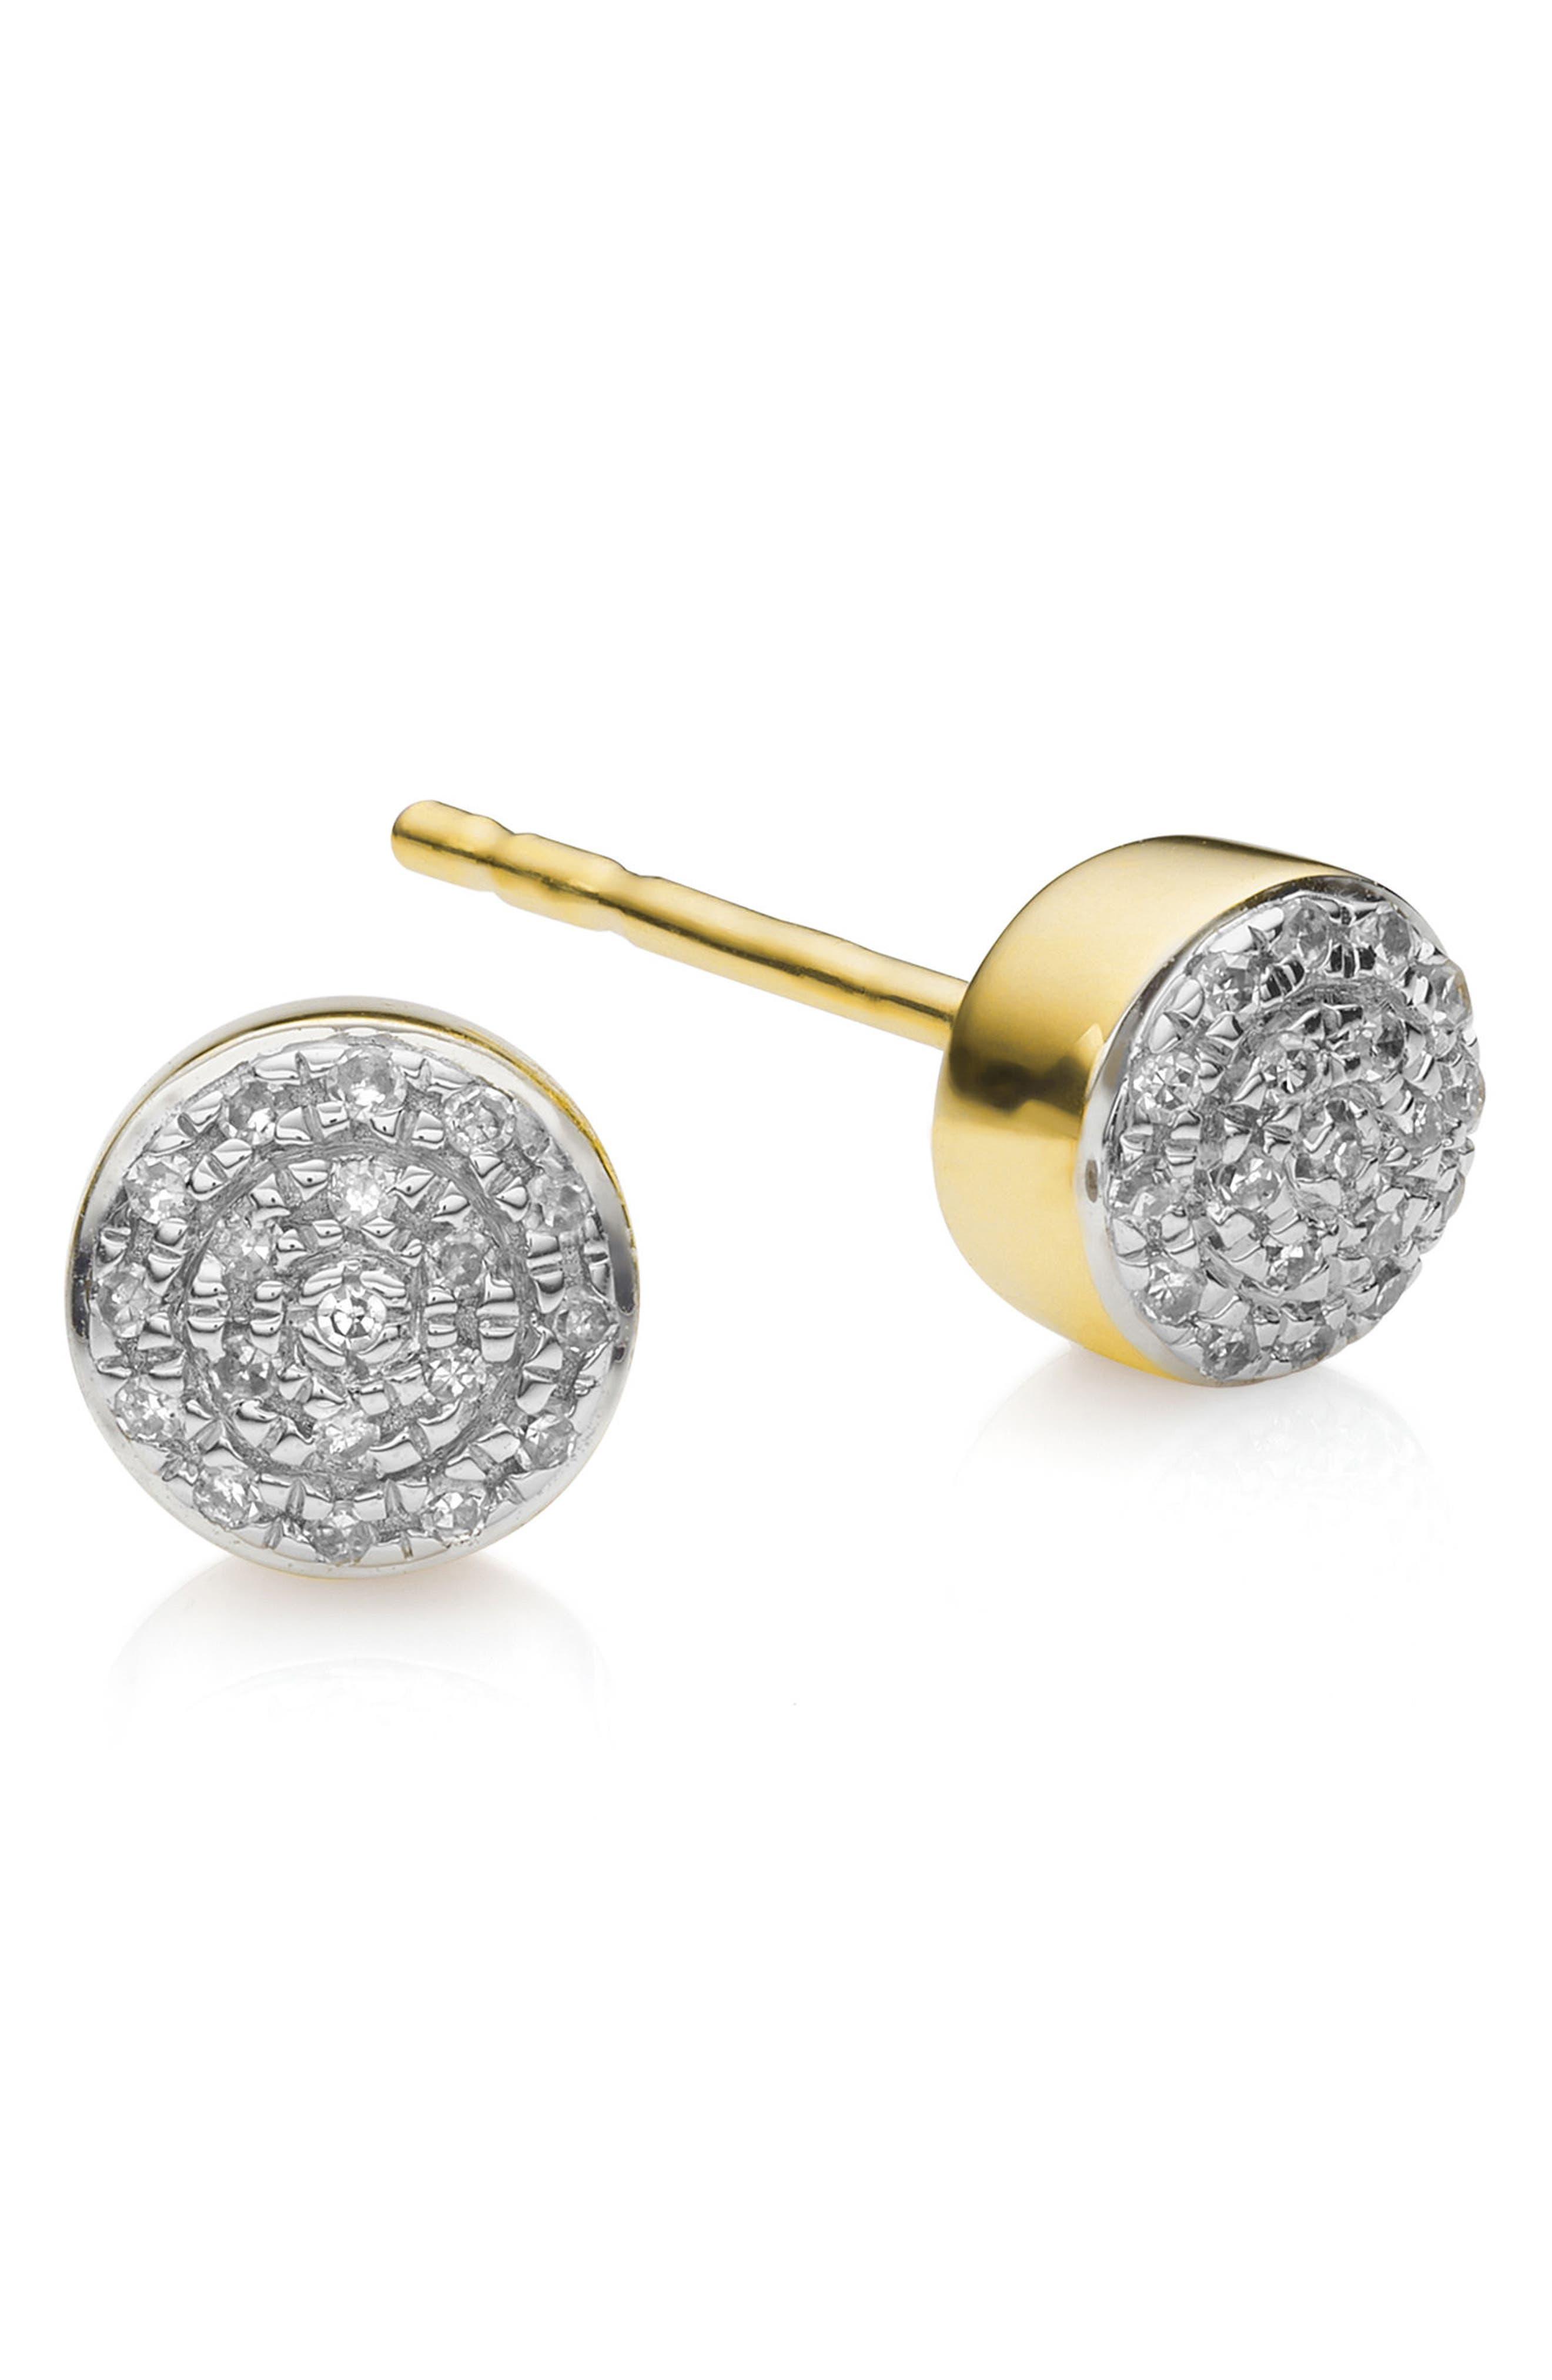 Fiji Mini Diamond Button Stud Earrings,                             Main thumbnail 1, color,                             Gold